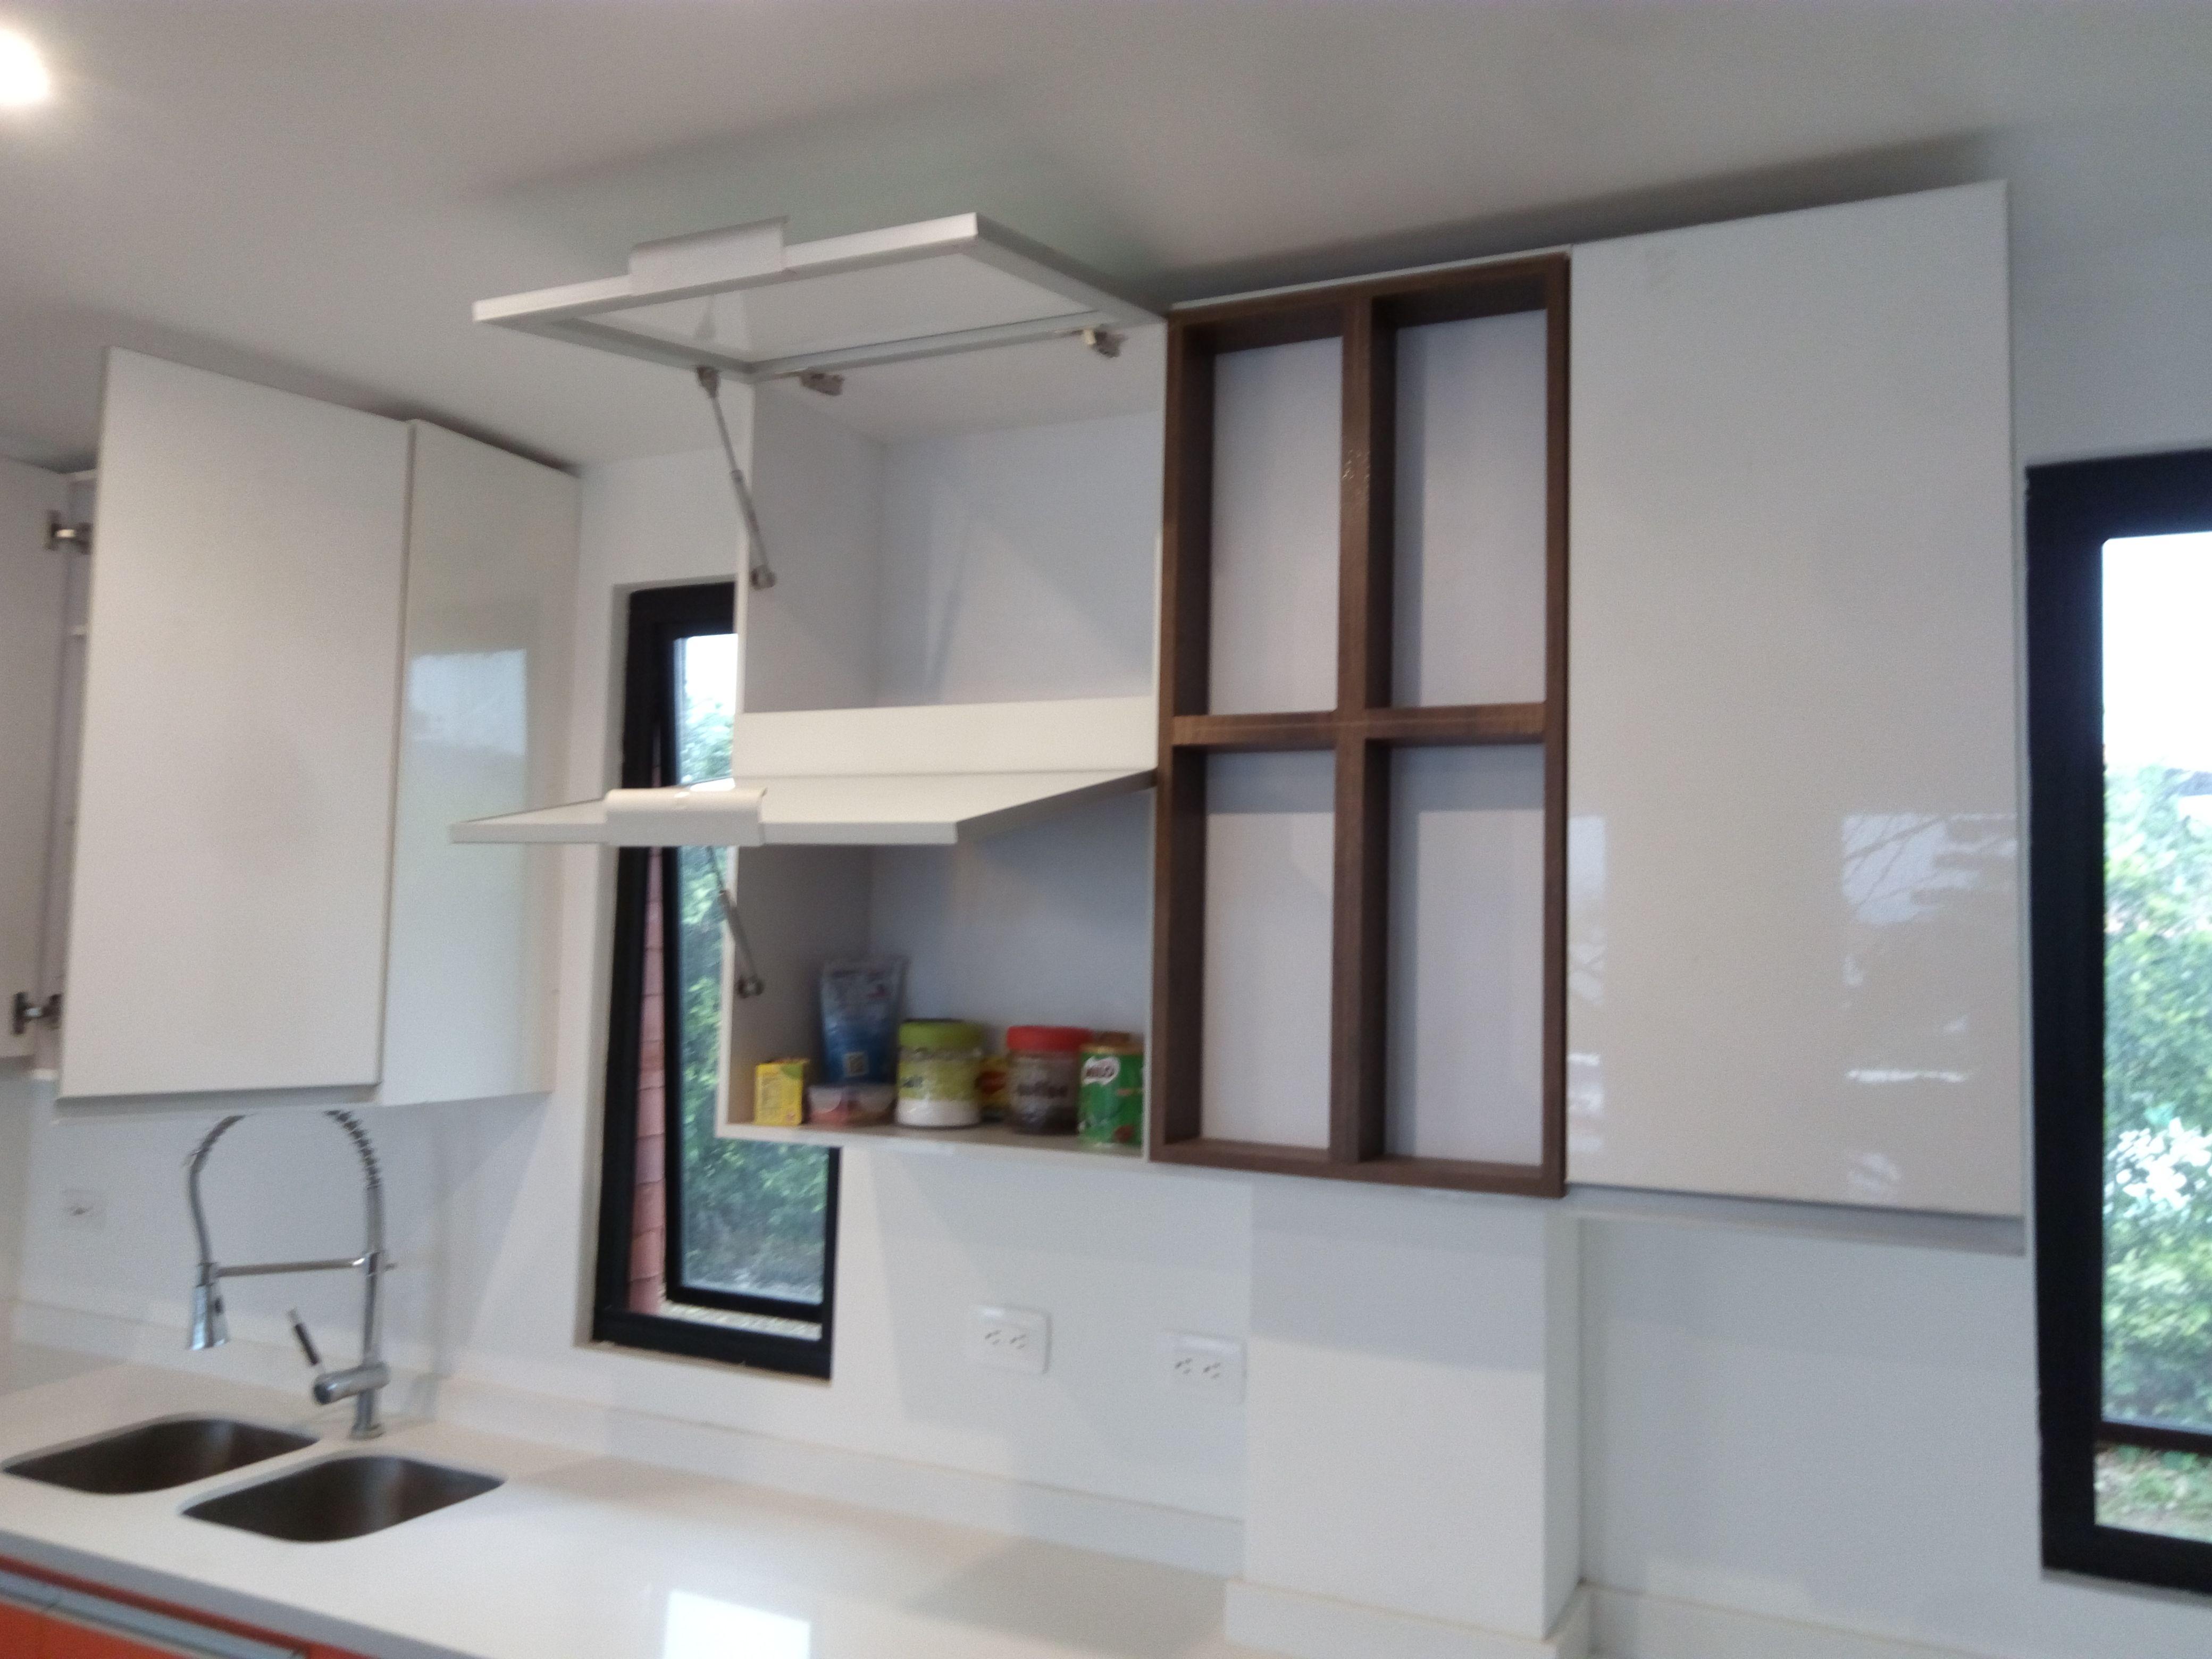 Puertas Abatibles De Cristal Para Cocina – Cecoc.info